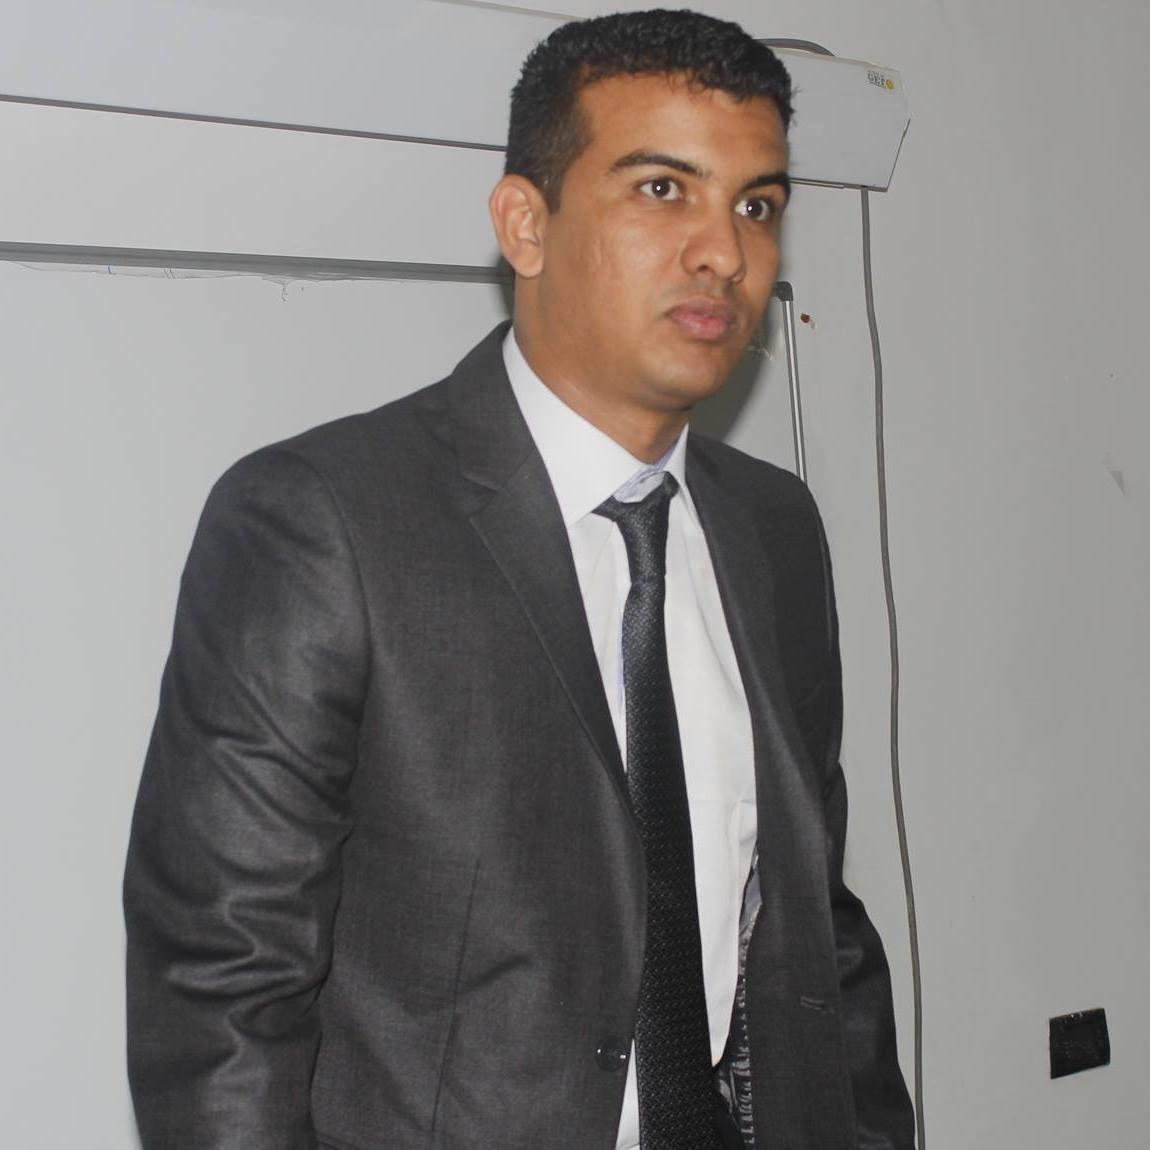 محمد/ محمد عال - صحفي باحث دكتوراه إعلام